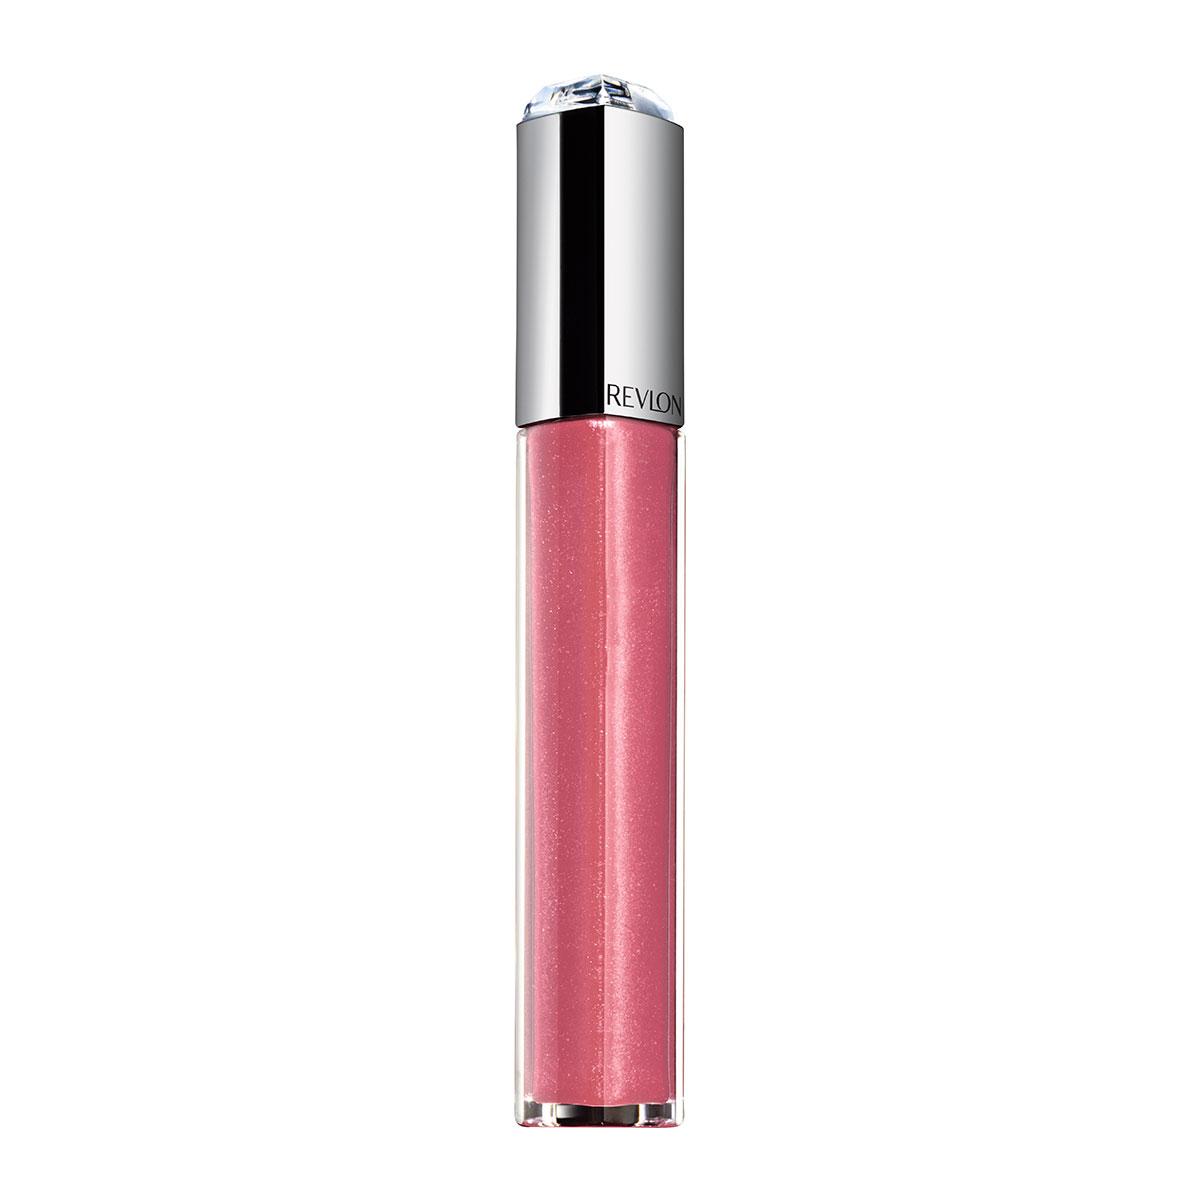 Revlon Помада-блеск для Губ Ultra Hd Lip Lacquer Rose quartz 530 5,9 мл7210464030Придайте своим губам сияние с Revlon Ultra HD Lip Lacquer. Инновационная лаковая формула дарит вашим губам глубокий, насыщенный цвет без утяжеления. Блеск-лак для губ с тонкой текстурой, не насыщенной восками. Легкая формула обогощена маслами кокоса и манго. Супер-пигментирован! Плотность покрытия тонкое без ощущения липкости. Насыщенная яркая палитра для создания разных образов: от естественного дневного до вечернего макияжей. Устойчивый результат. Насыщенный, сияющий цвет визуально увеличивающий объем.